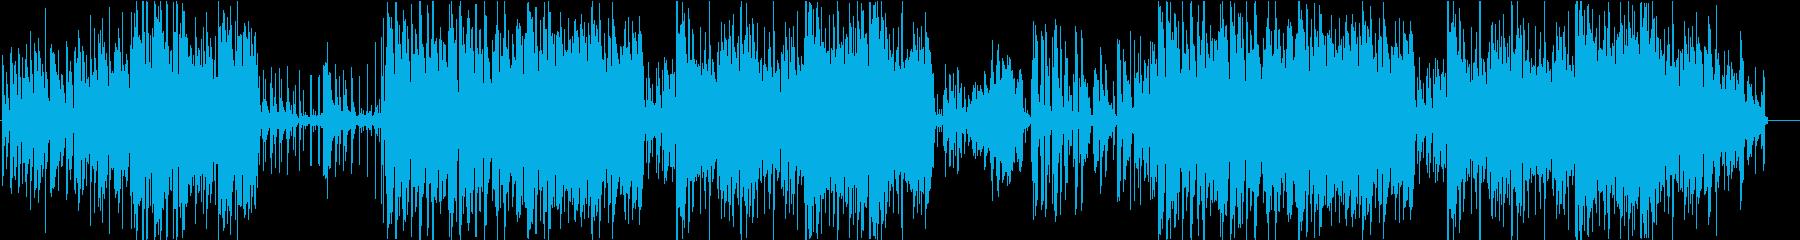 疾走感あるクールなジャズの再生済みの波形